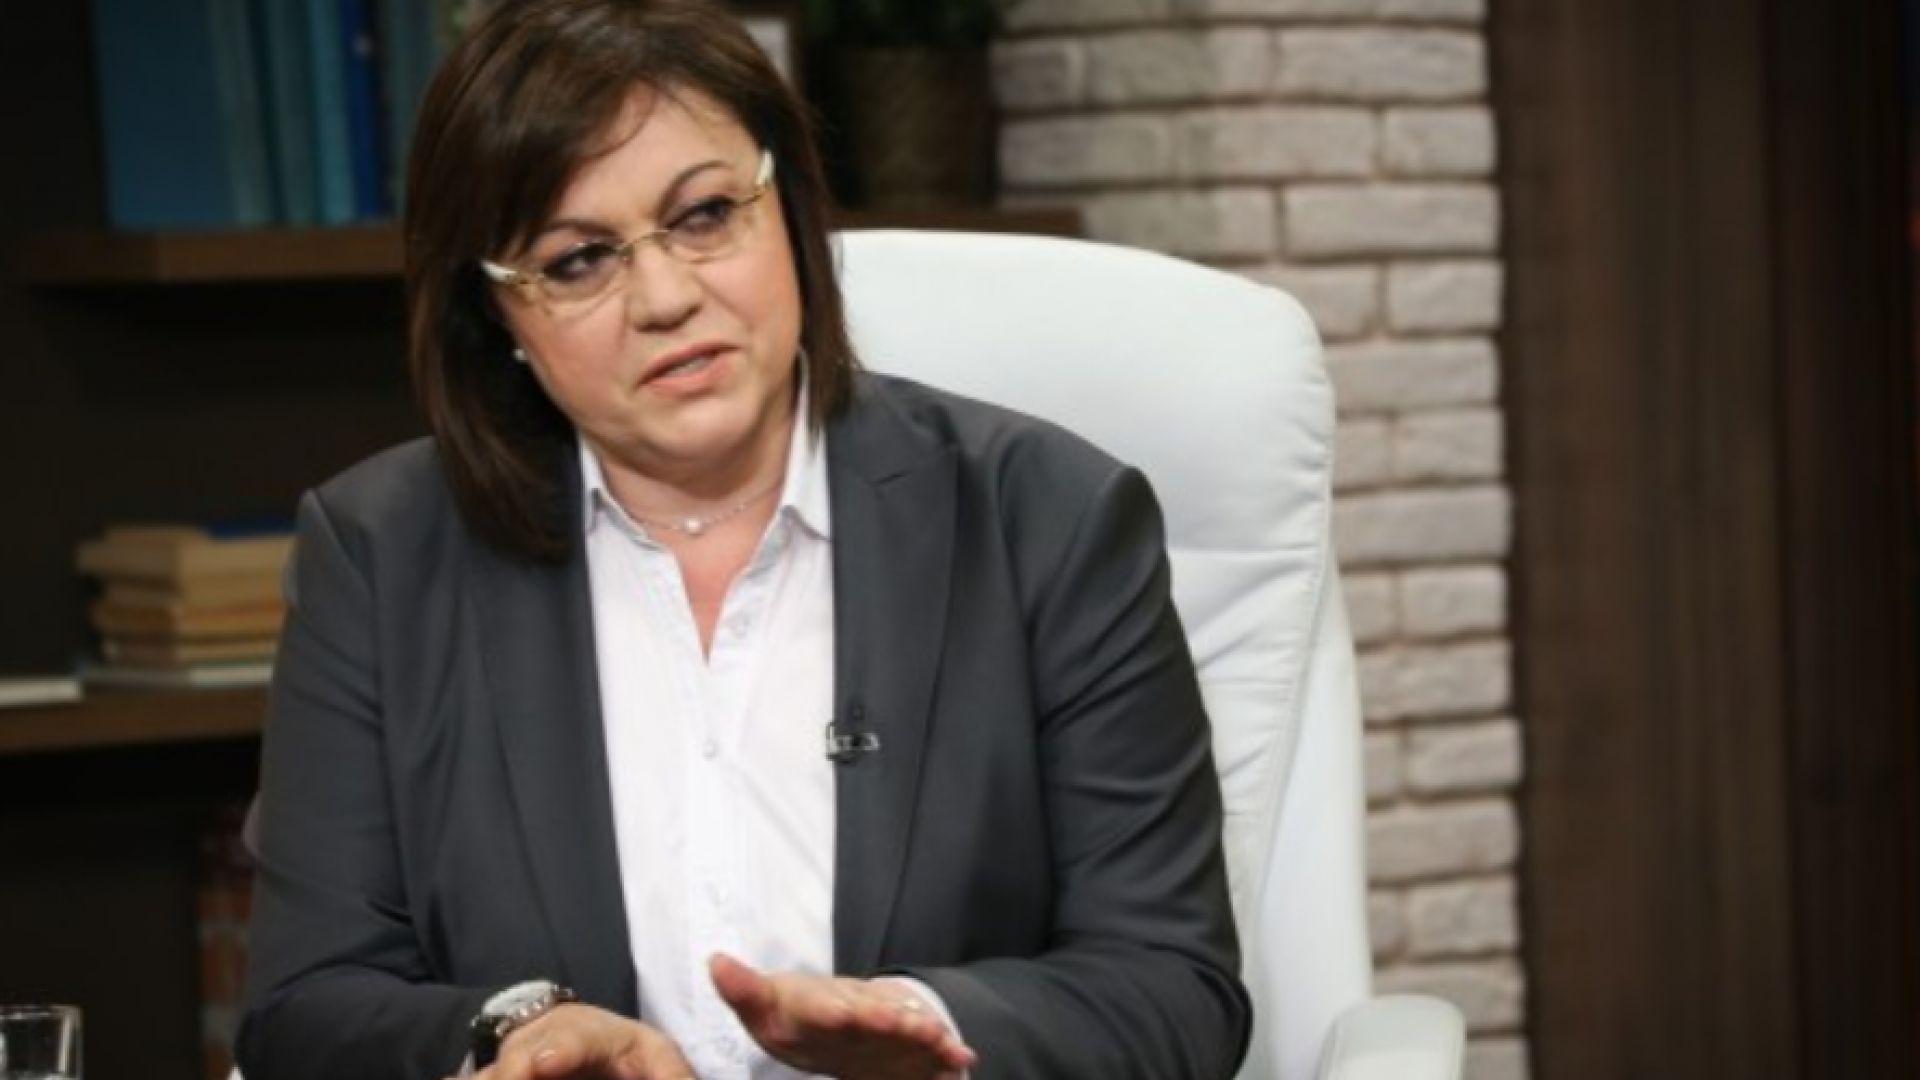 Нинова: Реших да подам оставка сама, не под натиск, загубата тежи